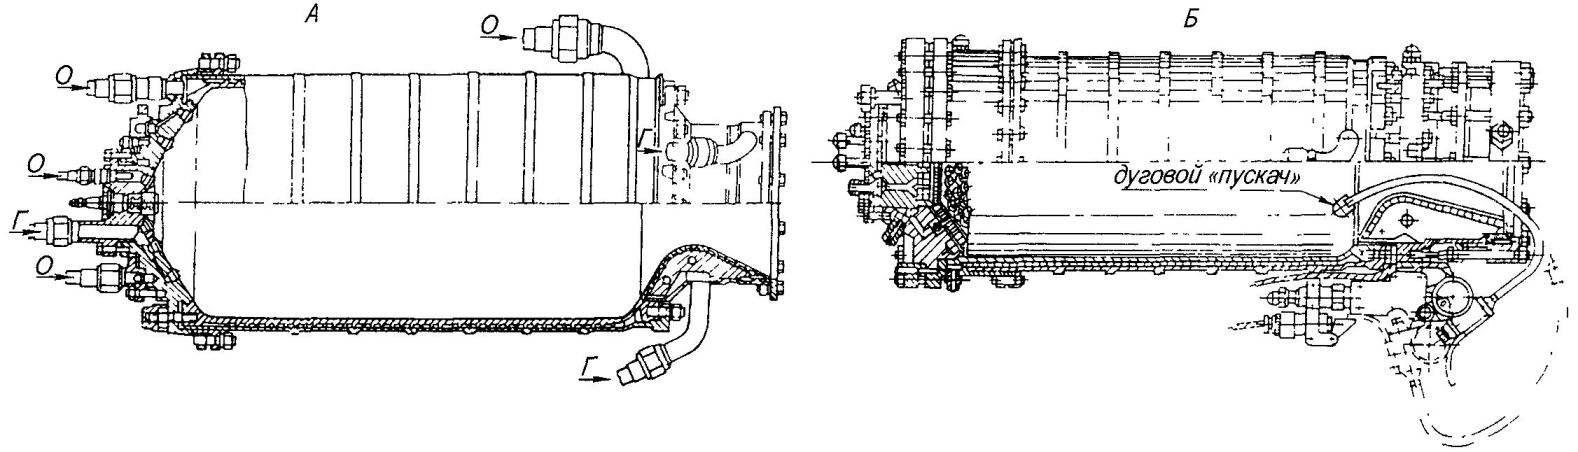 Ракетные двигатели самолета БИ-1 тягой 1100 кгс